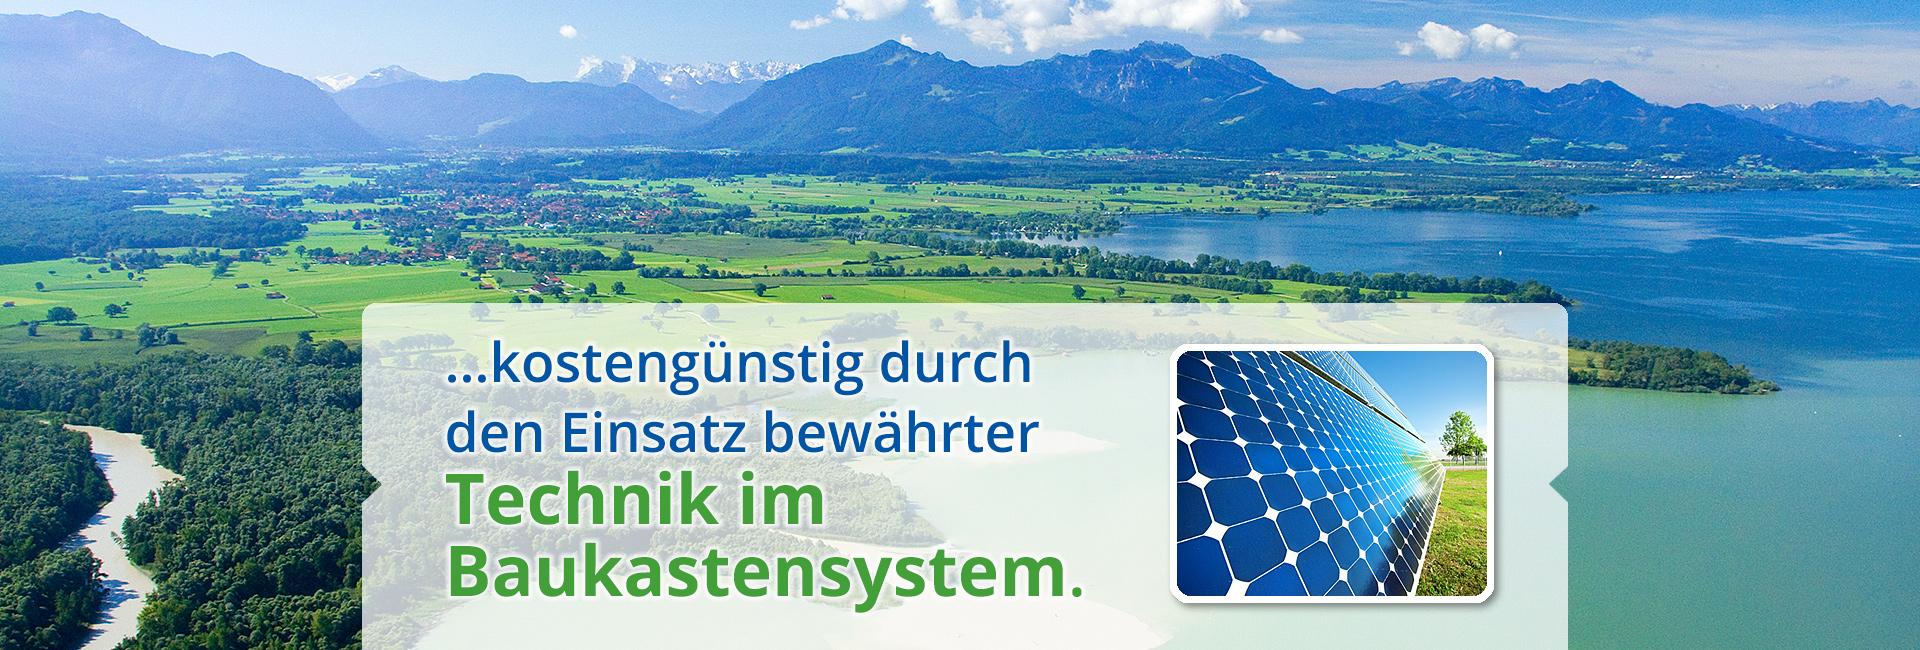 Energiewende Chiemgau Slider-5